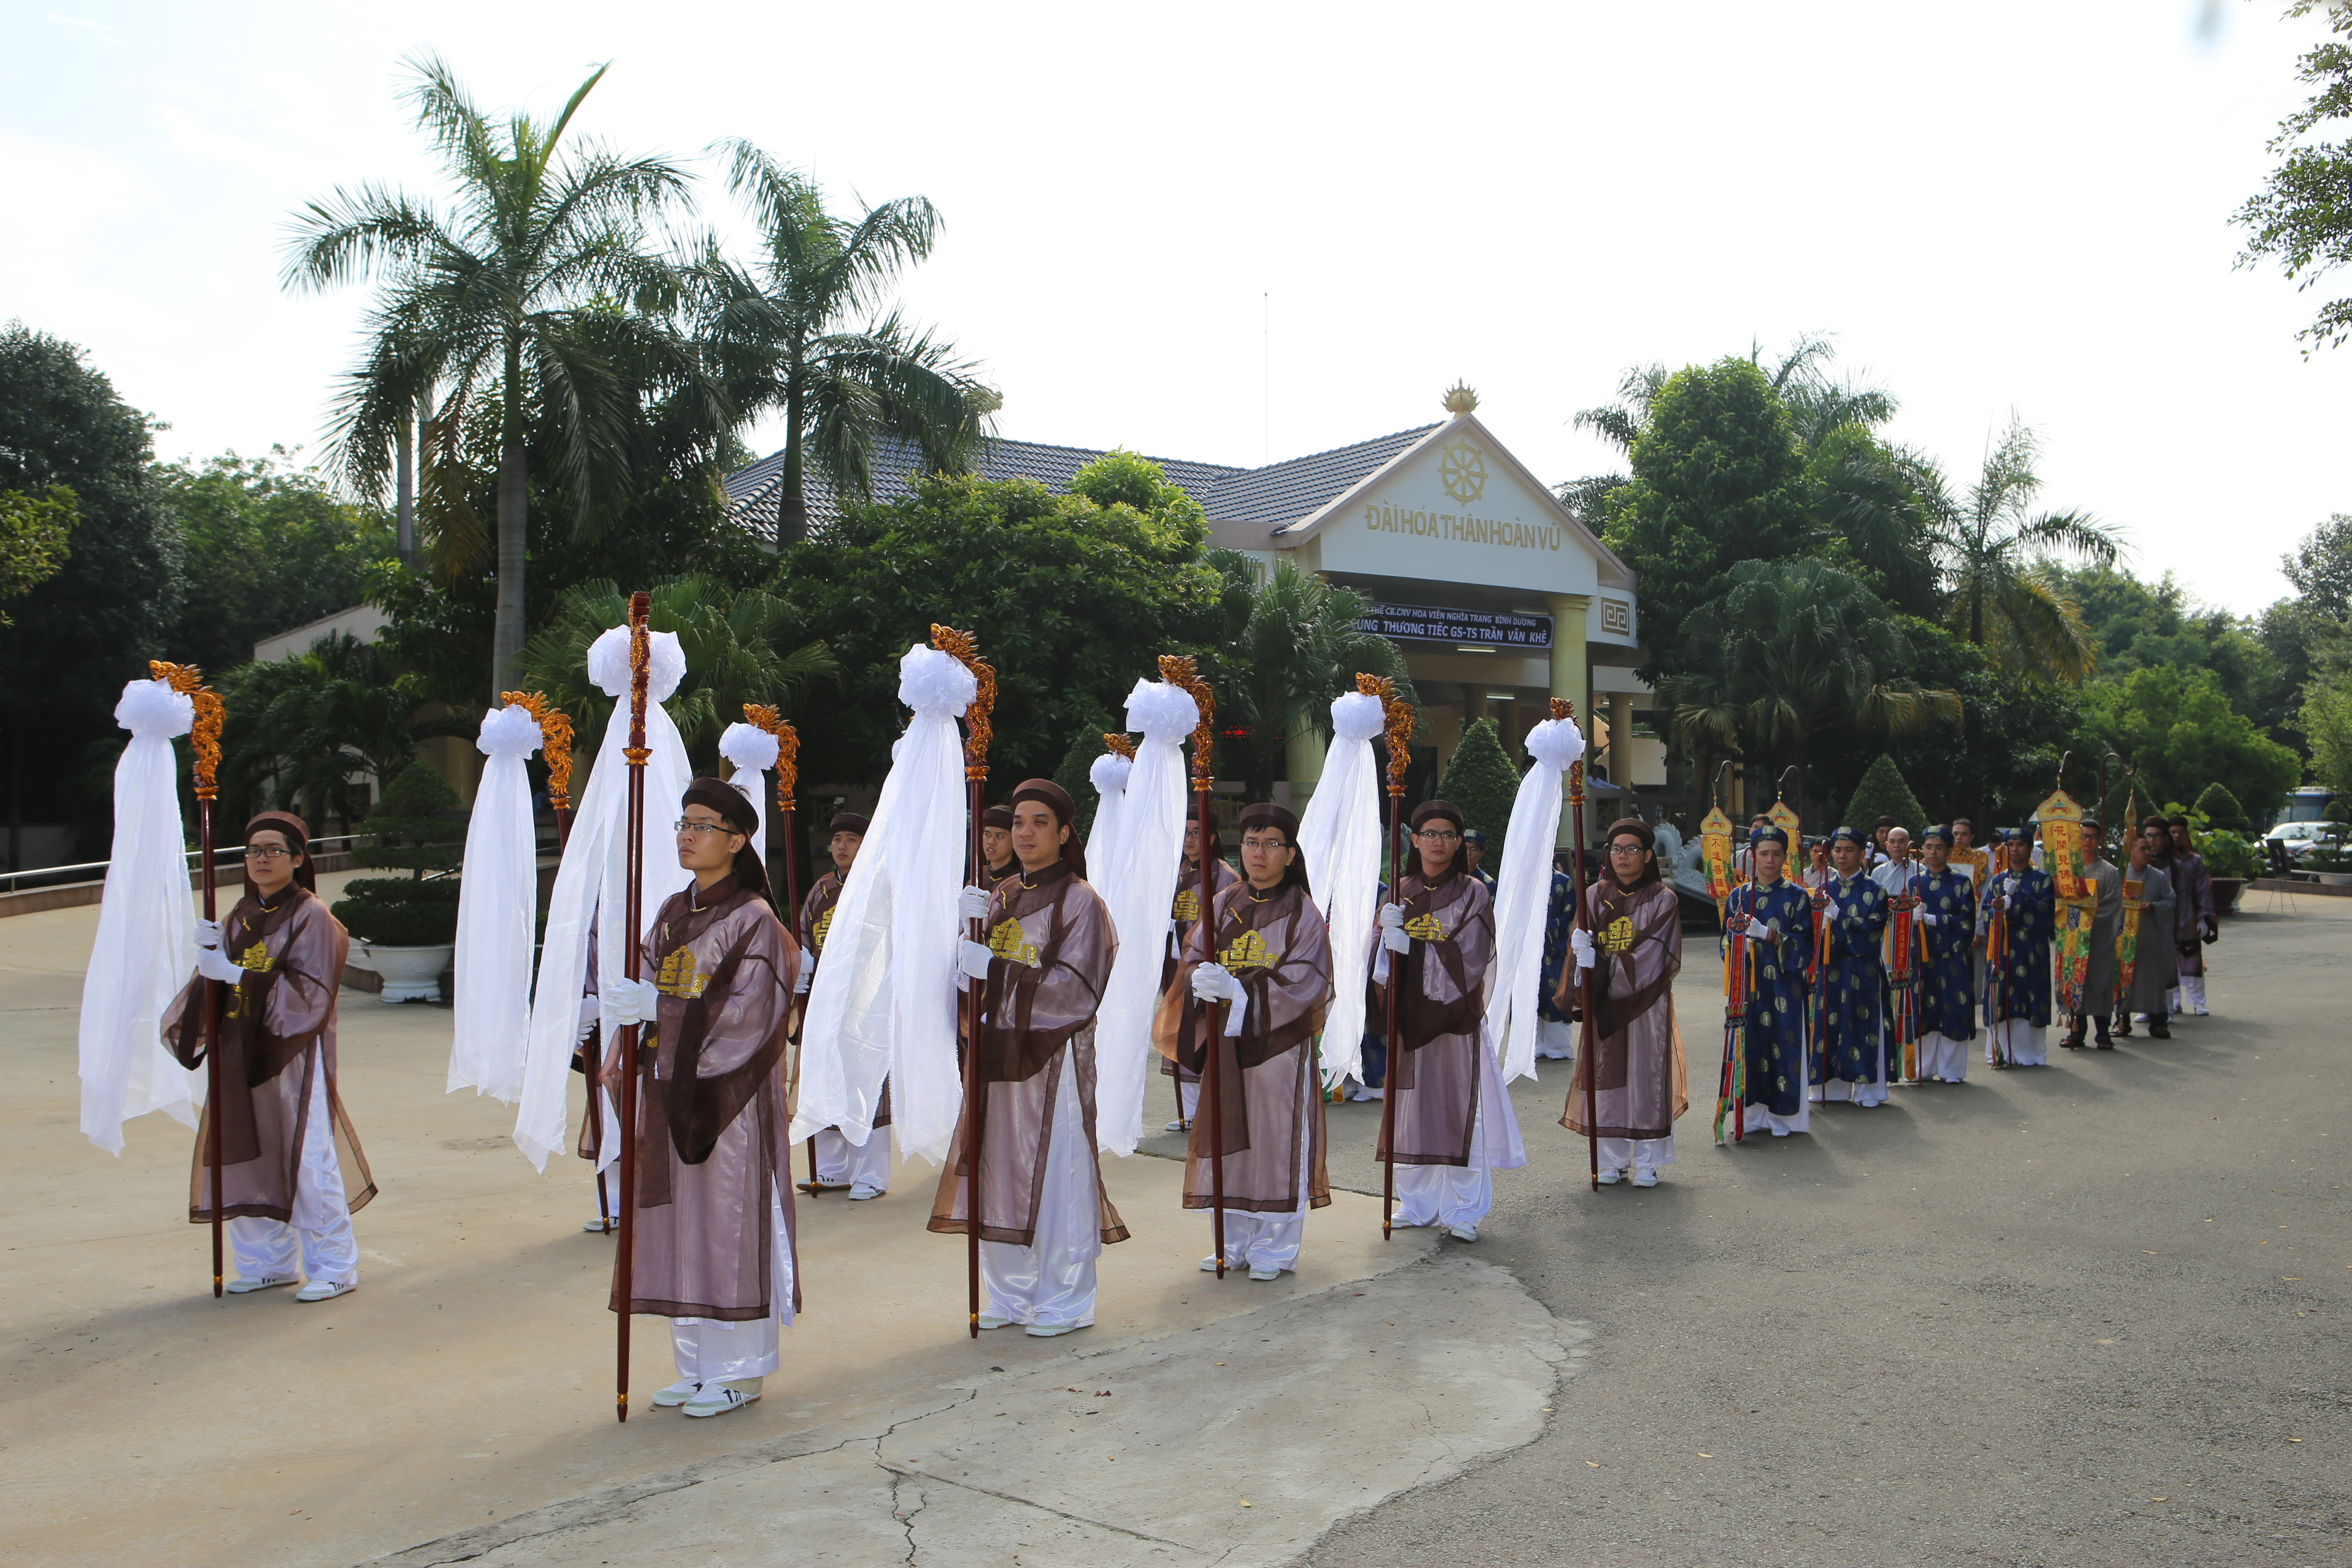 Dịch vụ tang lễ tại Hoa viên nghĩa trang Bình Dương